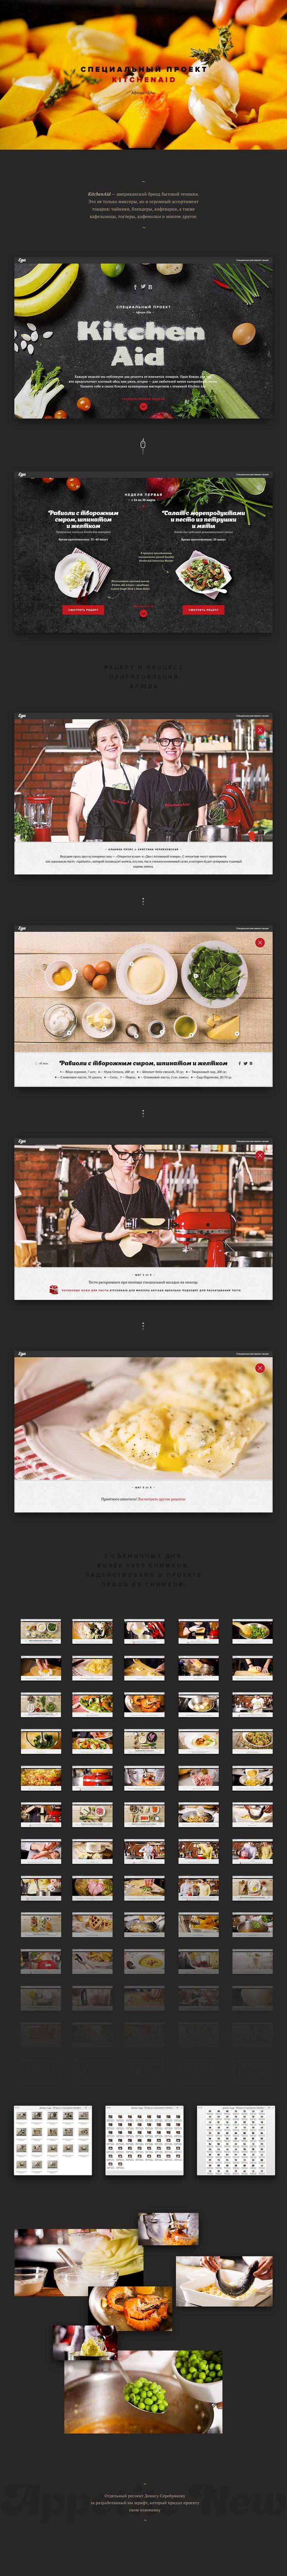 KitchenAid, Сайт © СергейКапустин